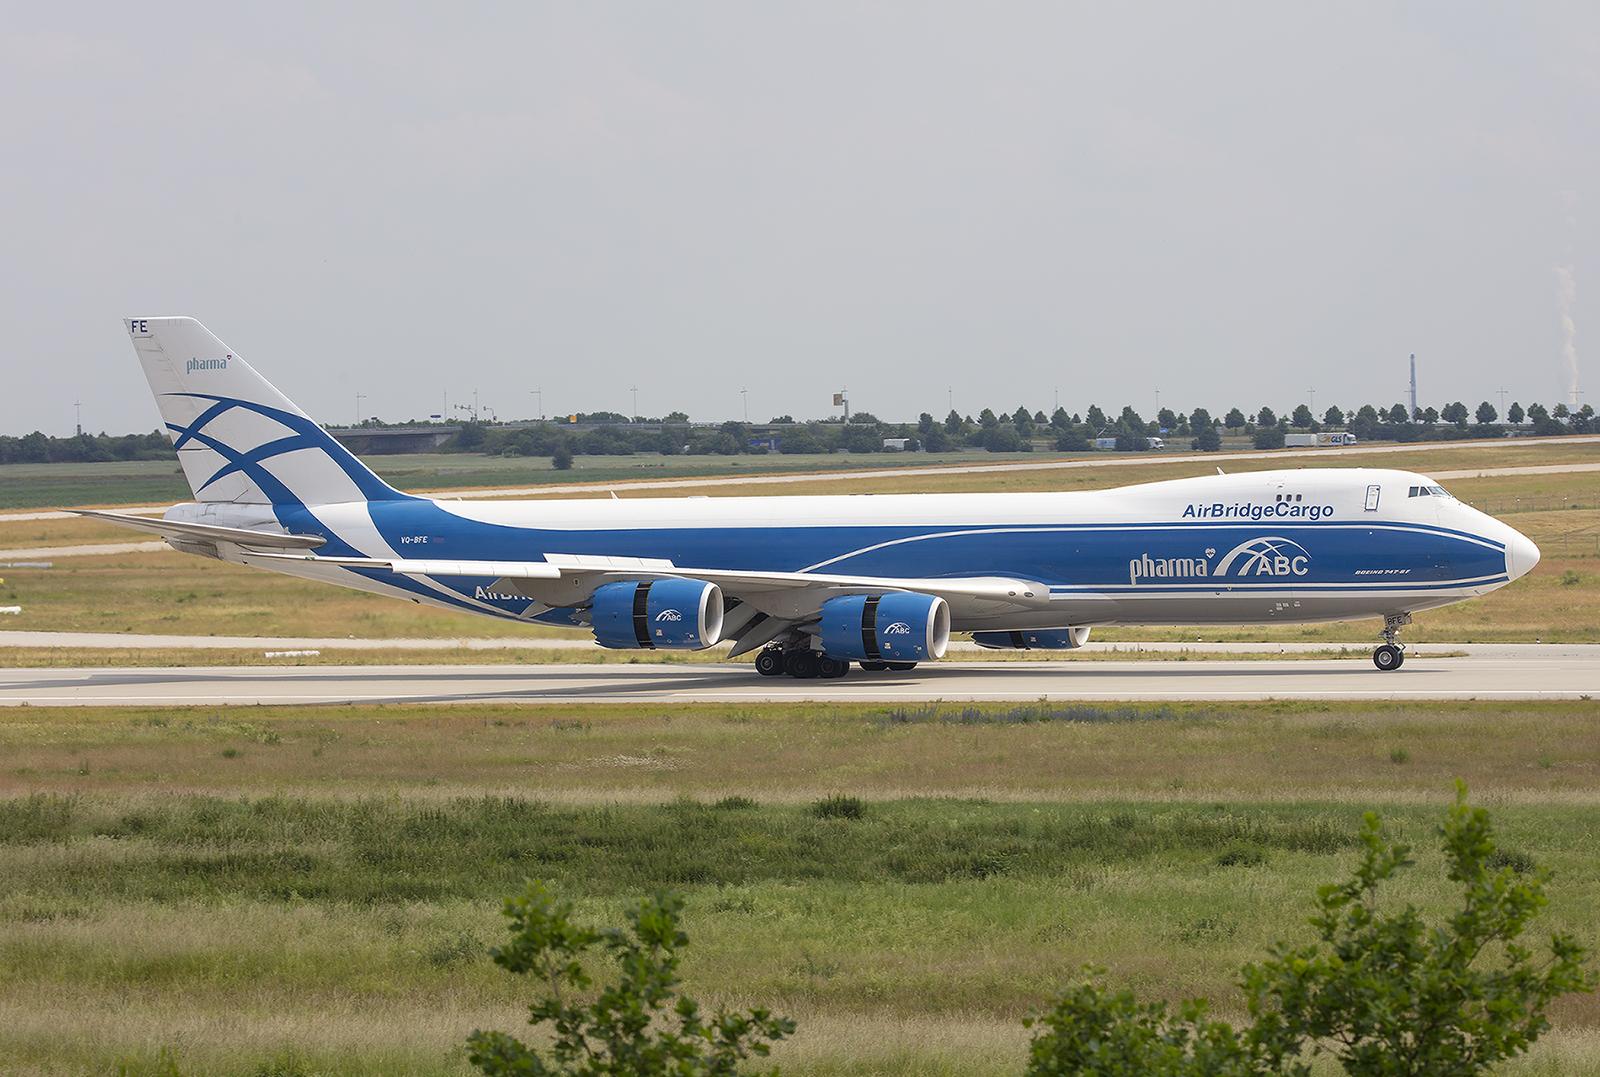 Silk Air nahm diese Boeing 747-8F nicht ab und so kam sie zu Air Bridge Cargo, einem Unternehmen der Volga-Dnepr-Gruppe.